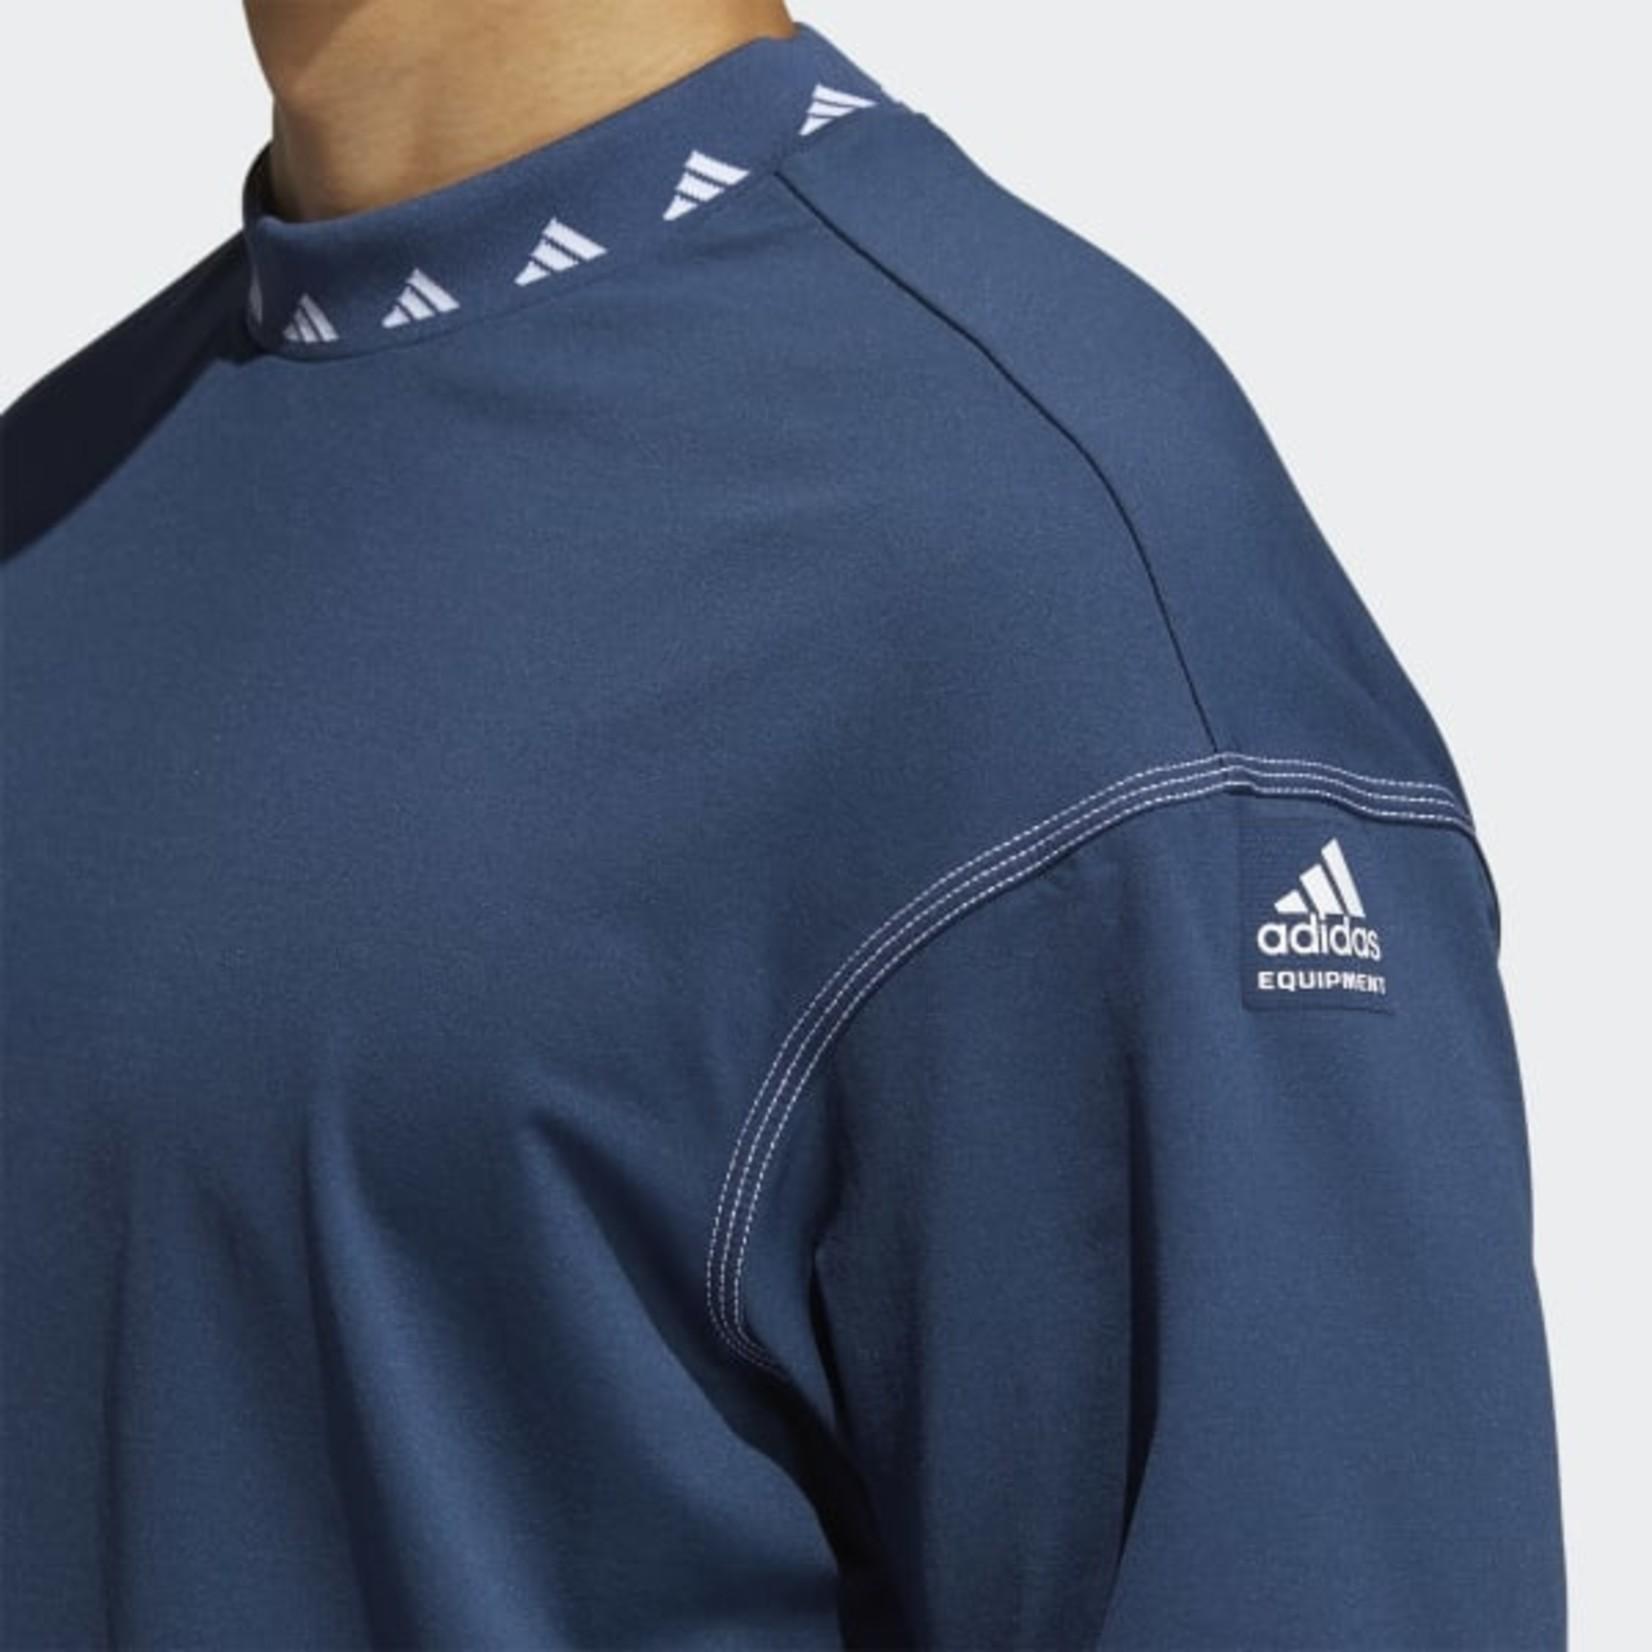 Adidas Adidas Eqpmnt Wind Crewneck-21